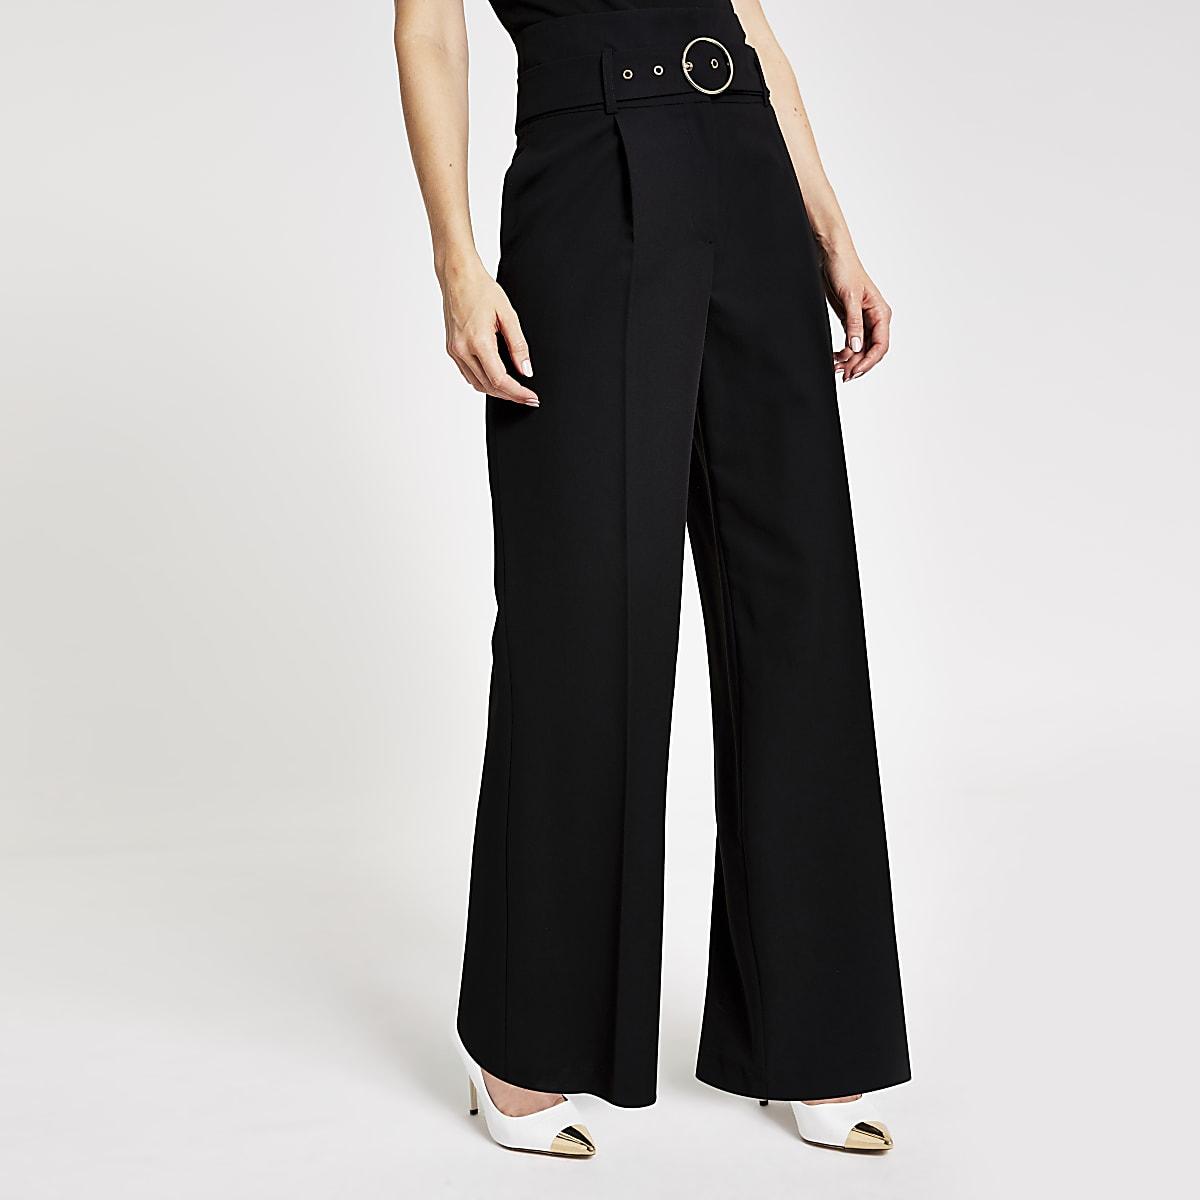 Zwarte broek met wijde pijpen en riem